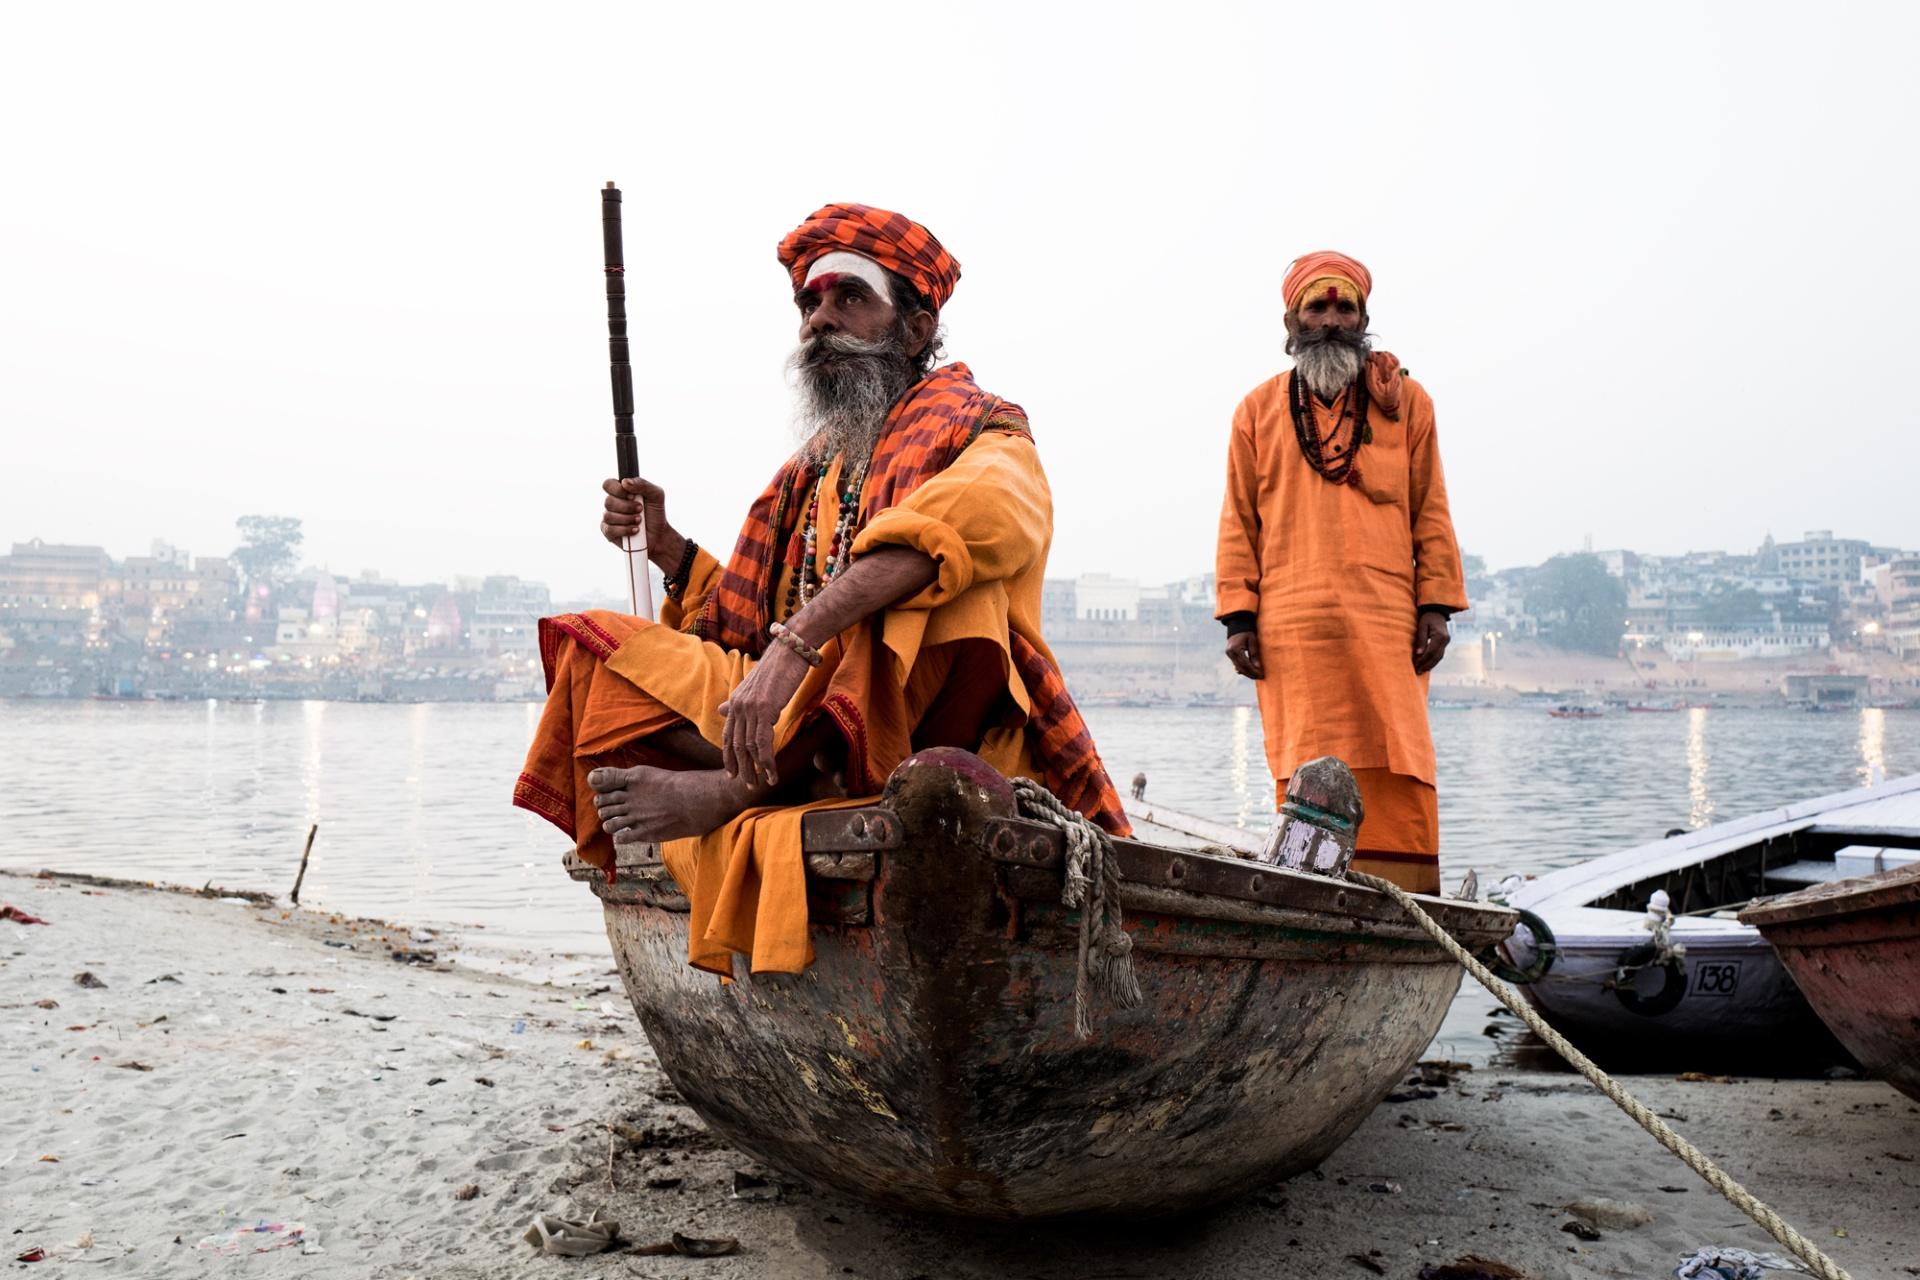 """India, tra i vicoli di Old Varanasi e gli slum di Kolkata, """"L'india, a meno di odiarla al primo impatto, induce presto a questa esaltazione: fa sentire ognuno parte del creato. In India non ci si sente mai soli, mai completamente separati dal resto. E qui"""